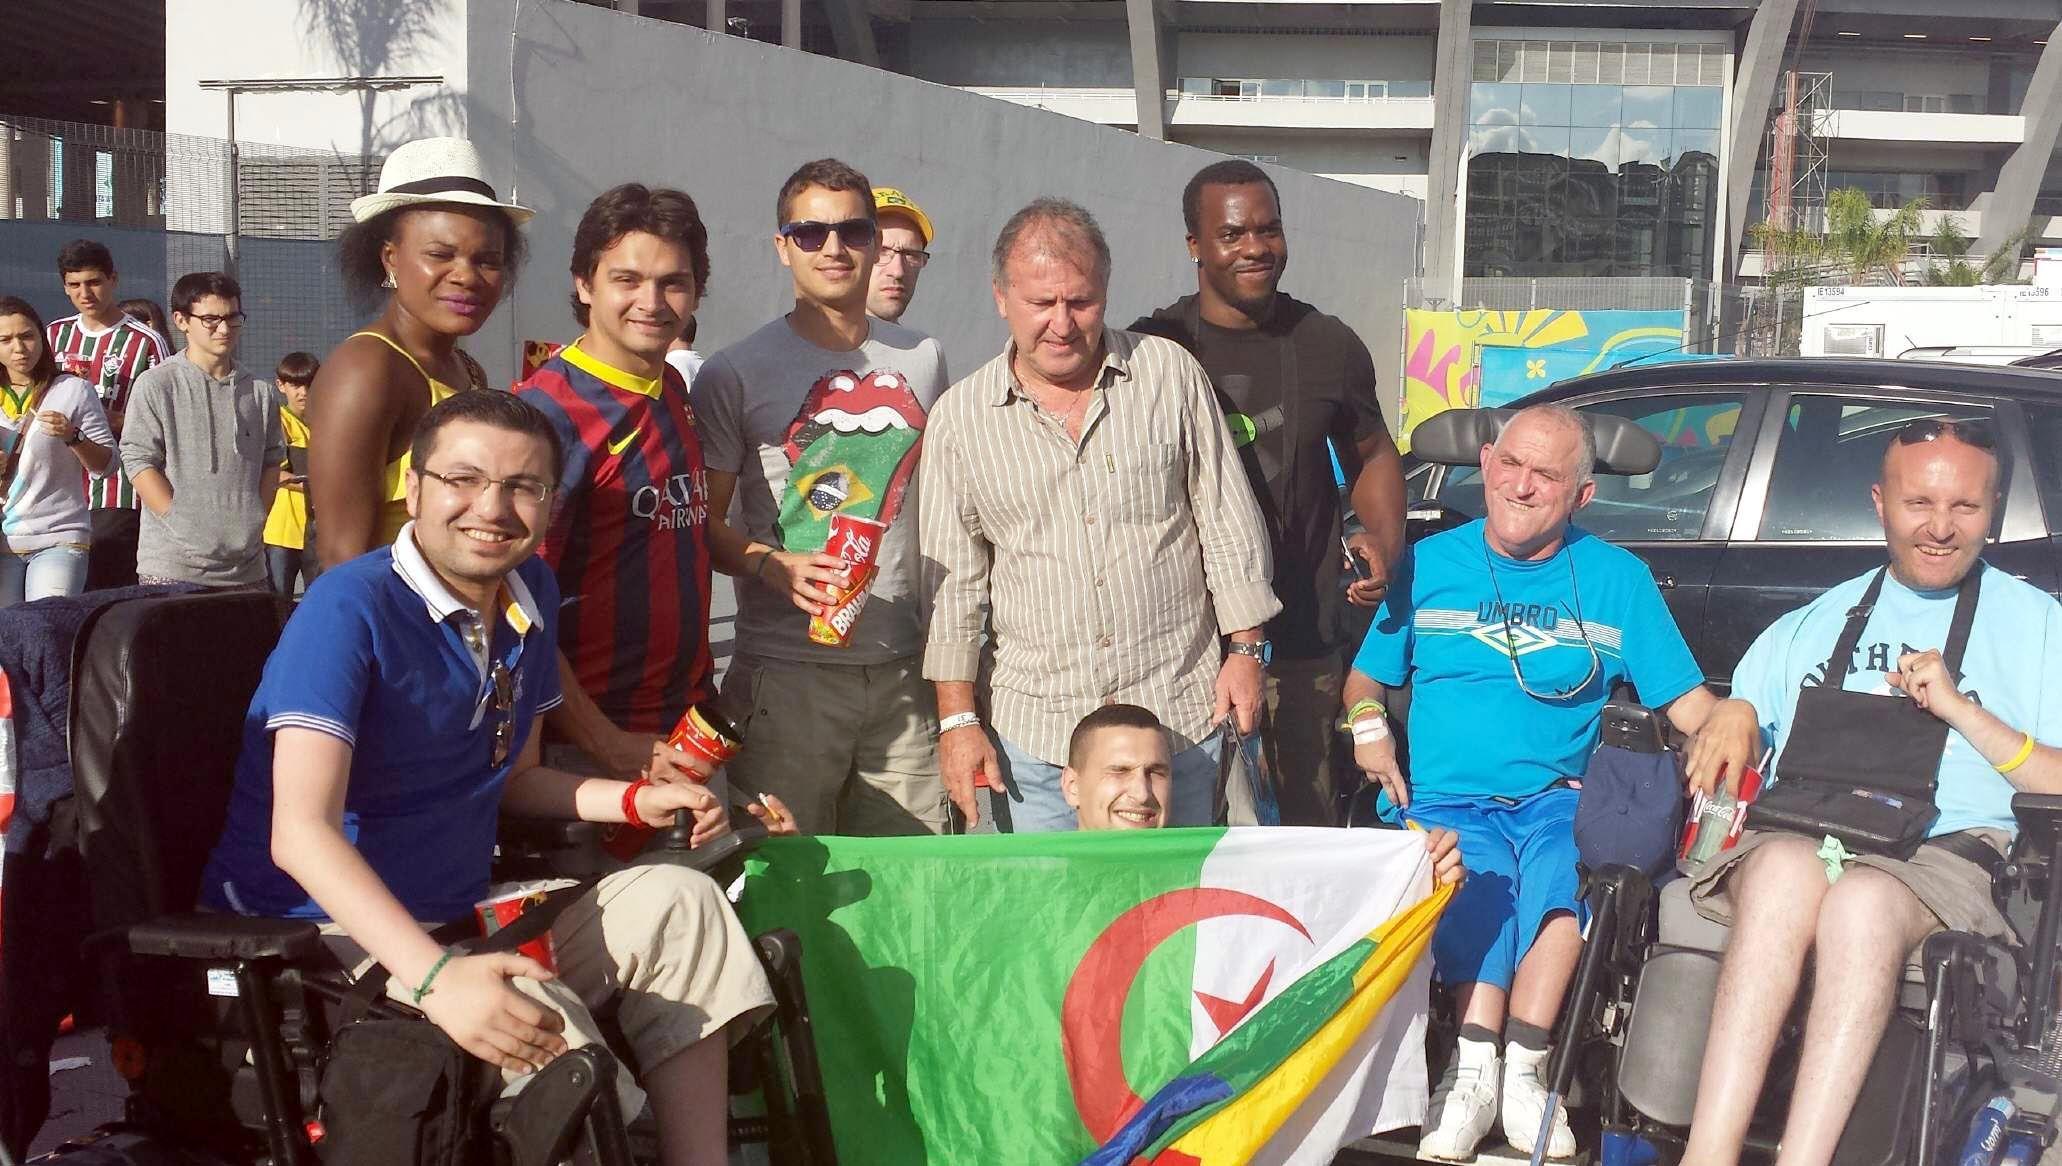 Las personas con y sin discapacidad puedan disfrutar de la experiencia  #089EC3 2062x1166 Adaptação Banheiro Cadeirante